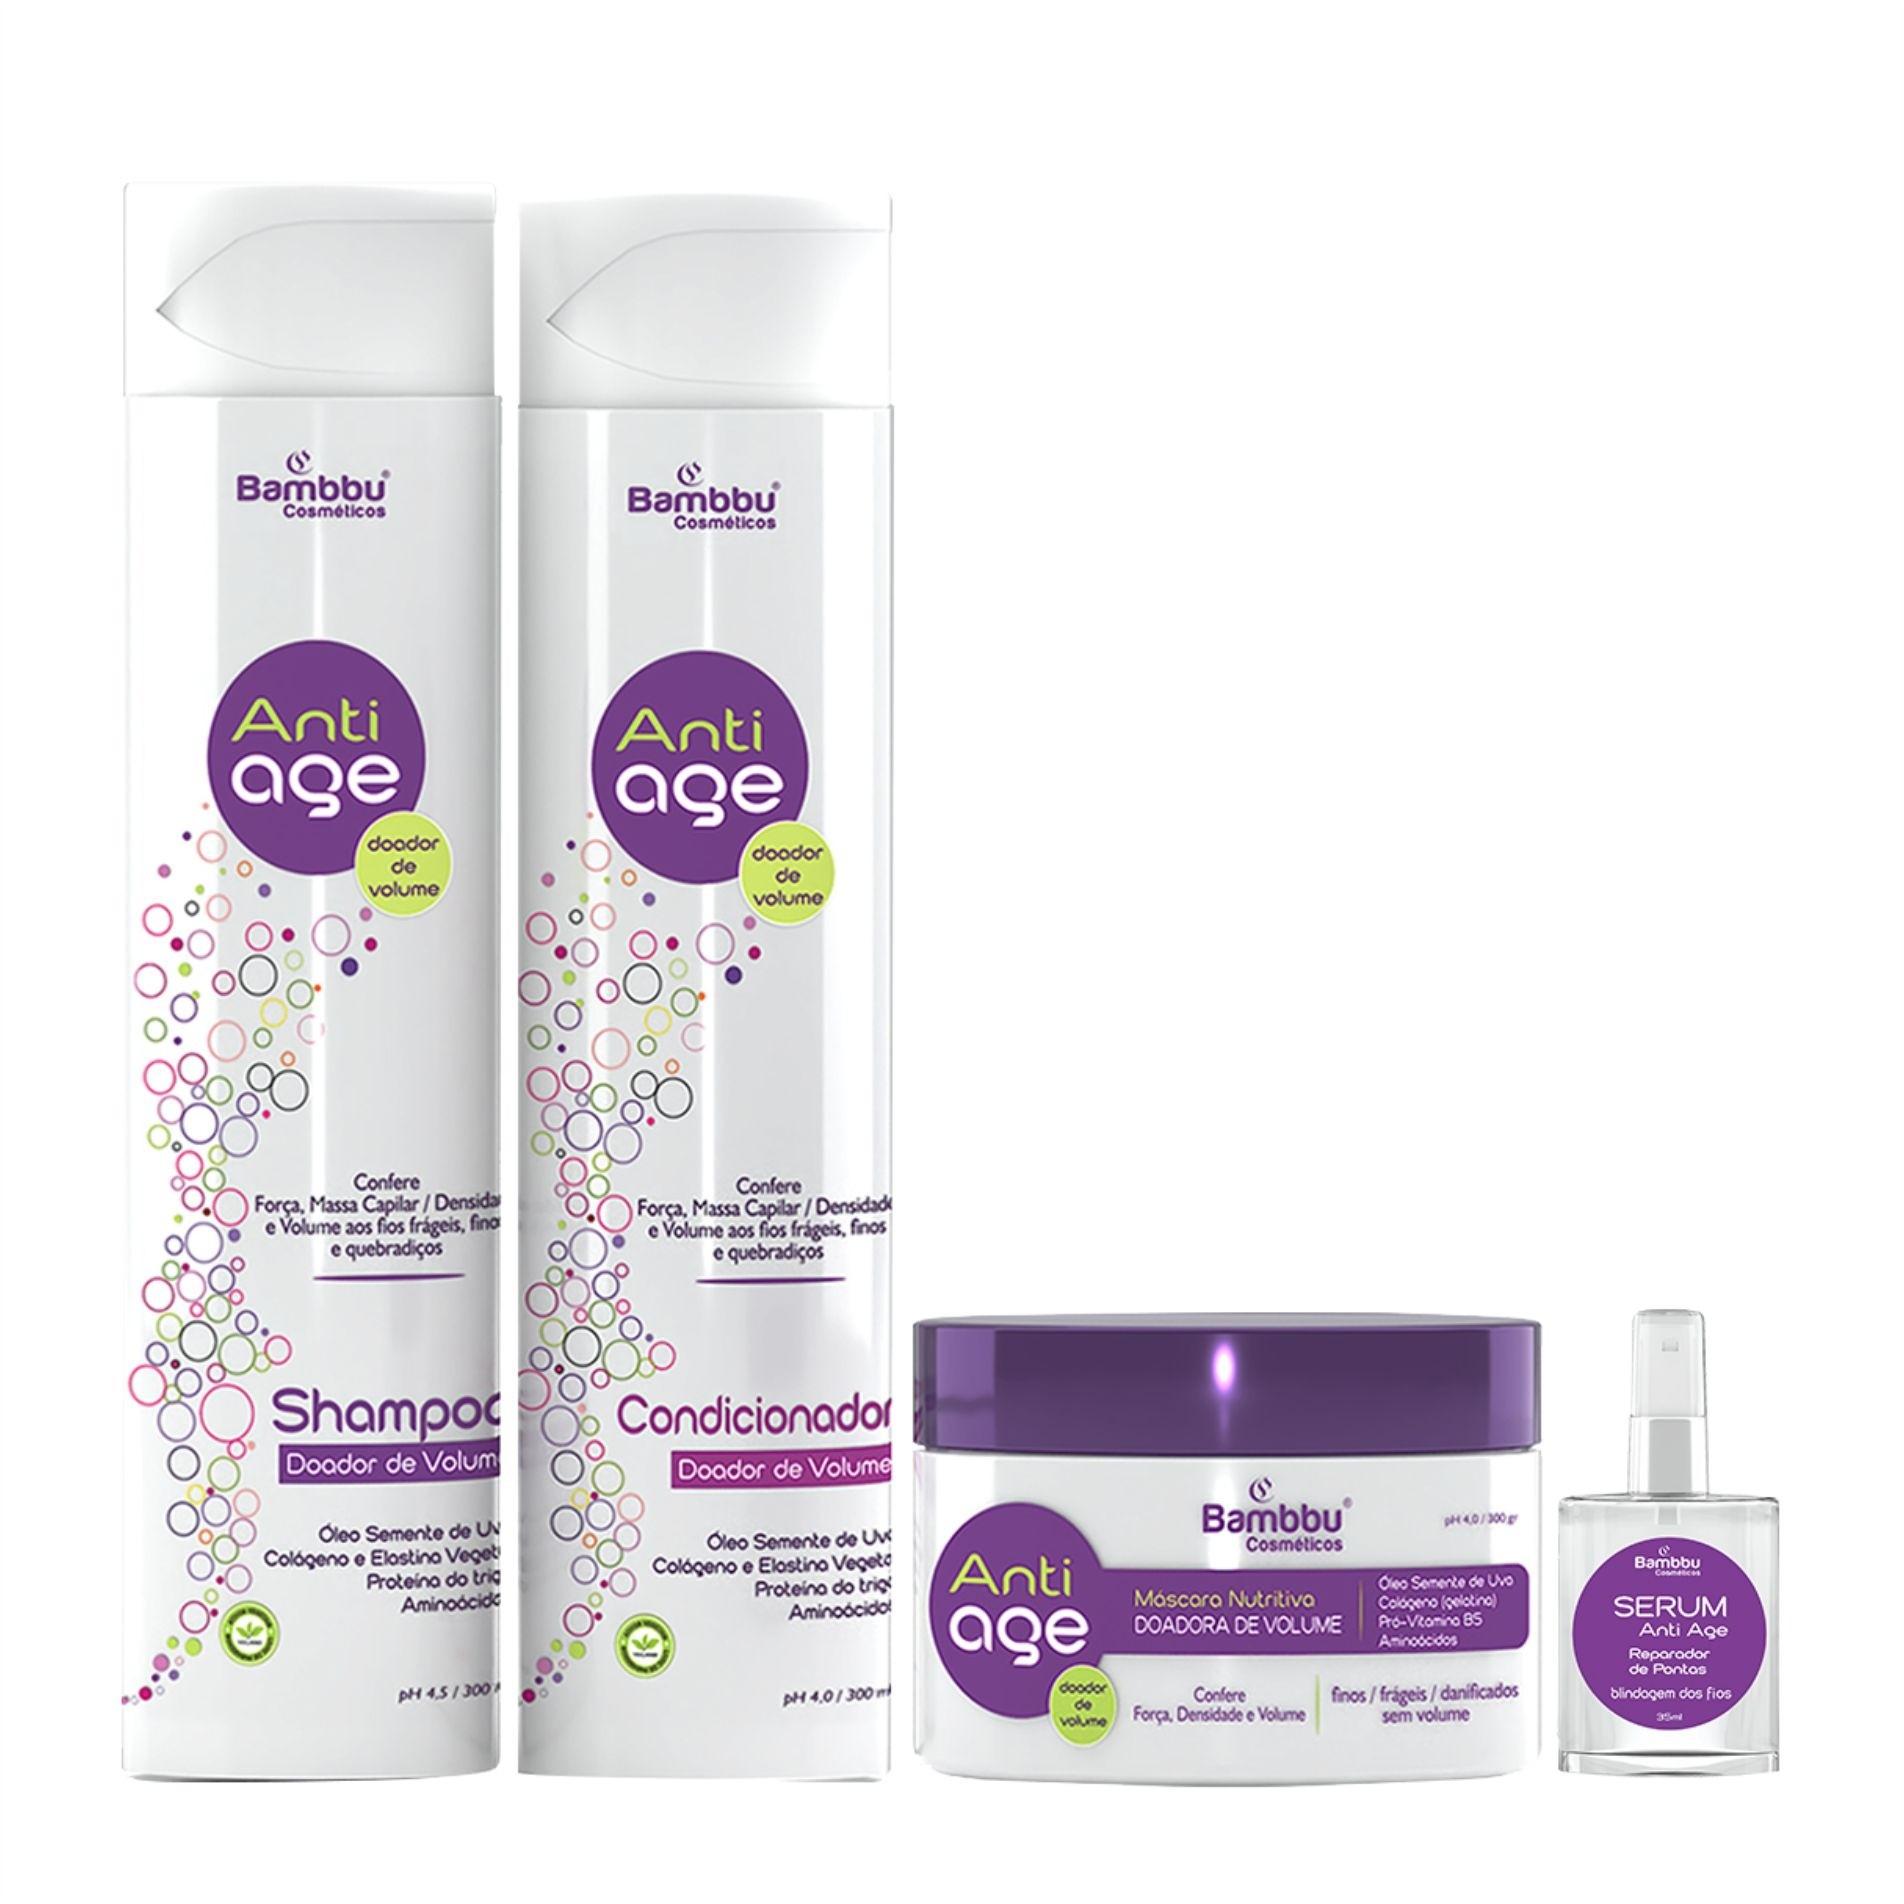 Shampoo, Condicionador, Máscara de Nutrição e Serum Anti Age - Doador de Volume - Fios Finos, Frágeis e Sem Volume (KIT 4 passos)